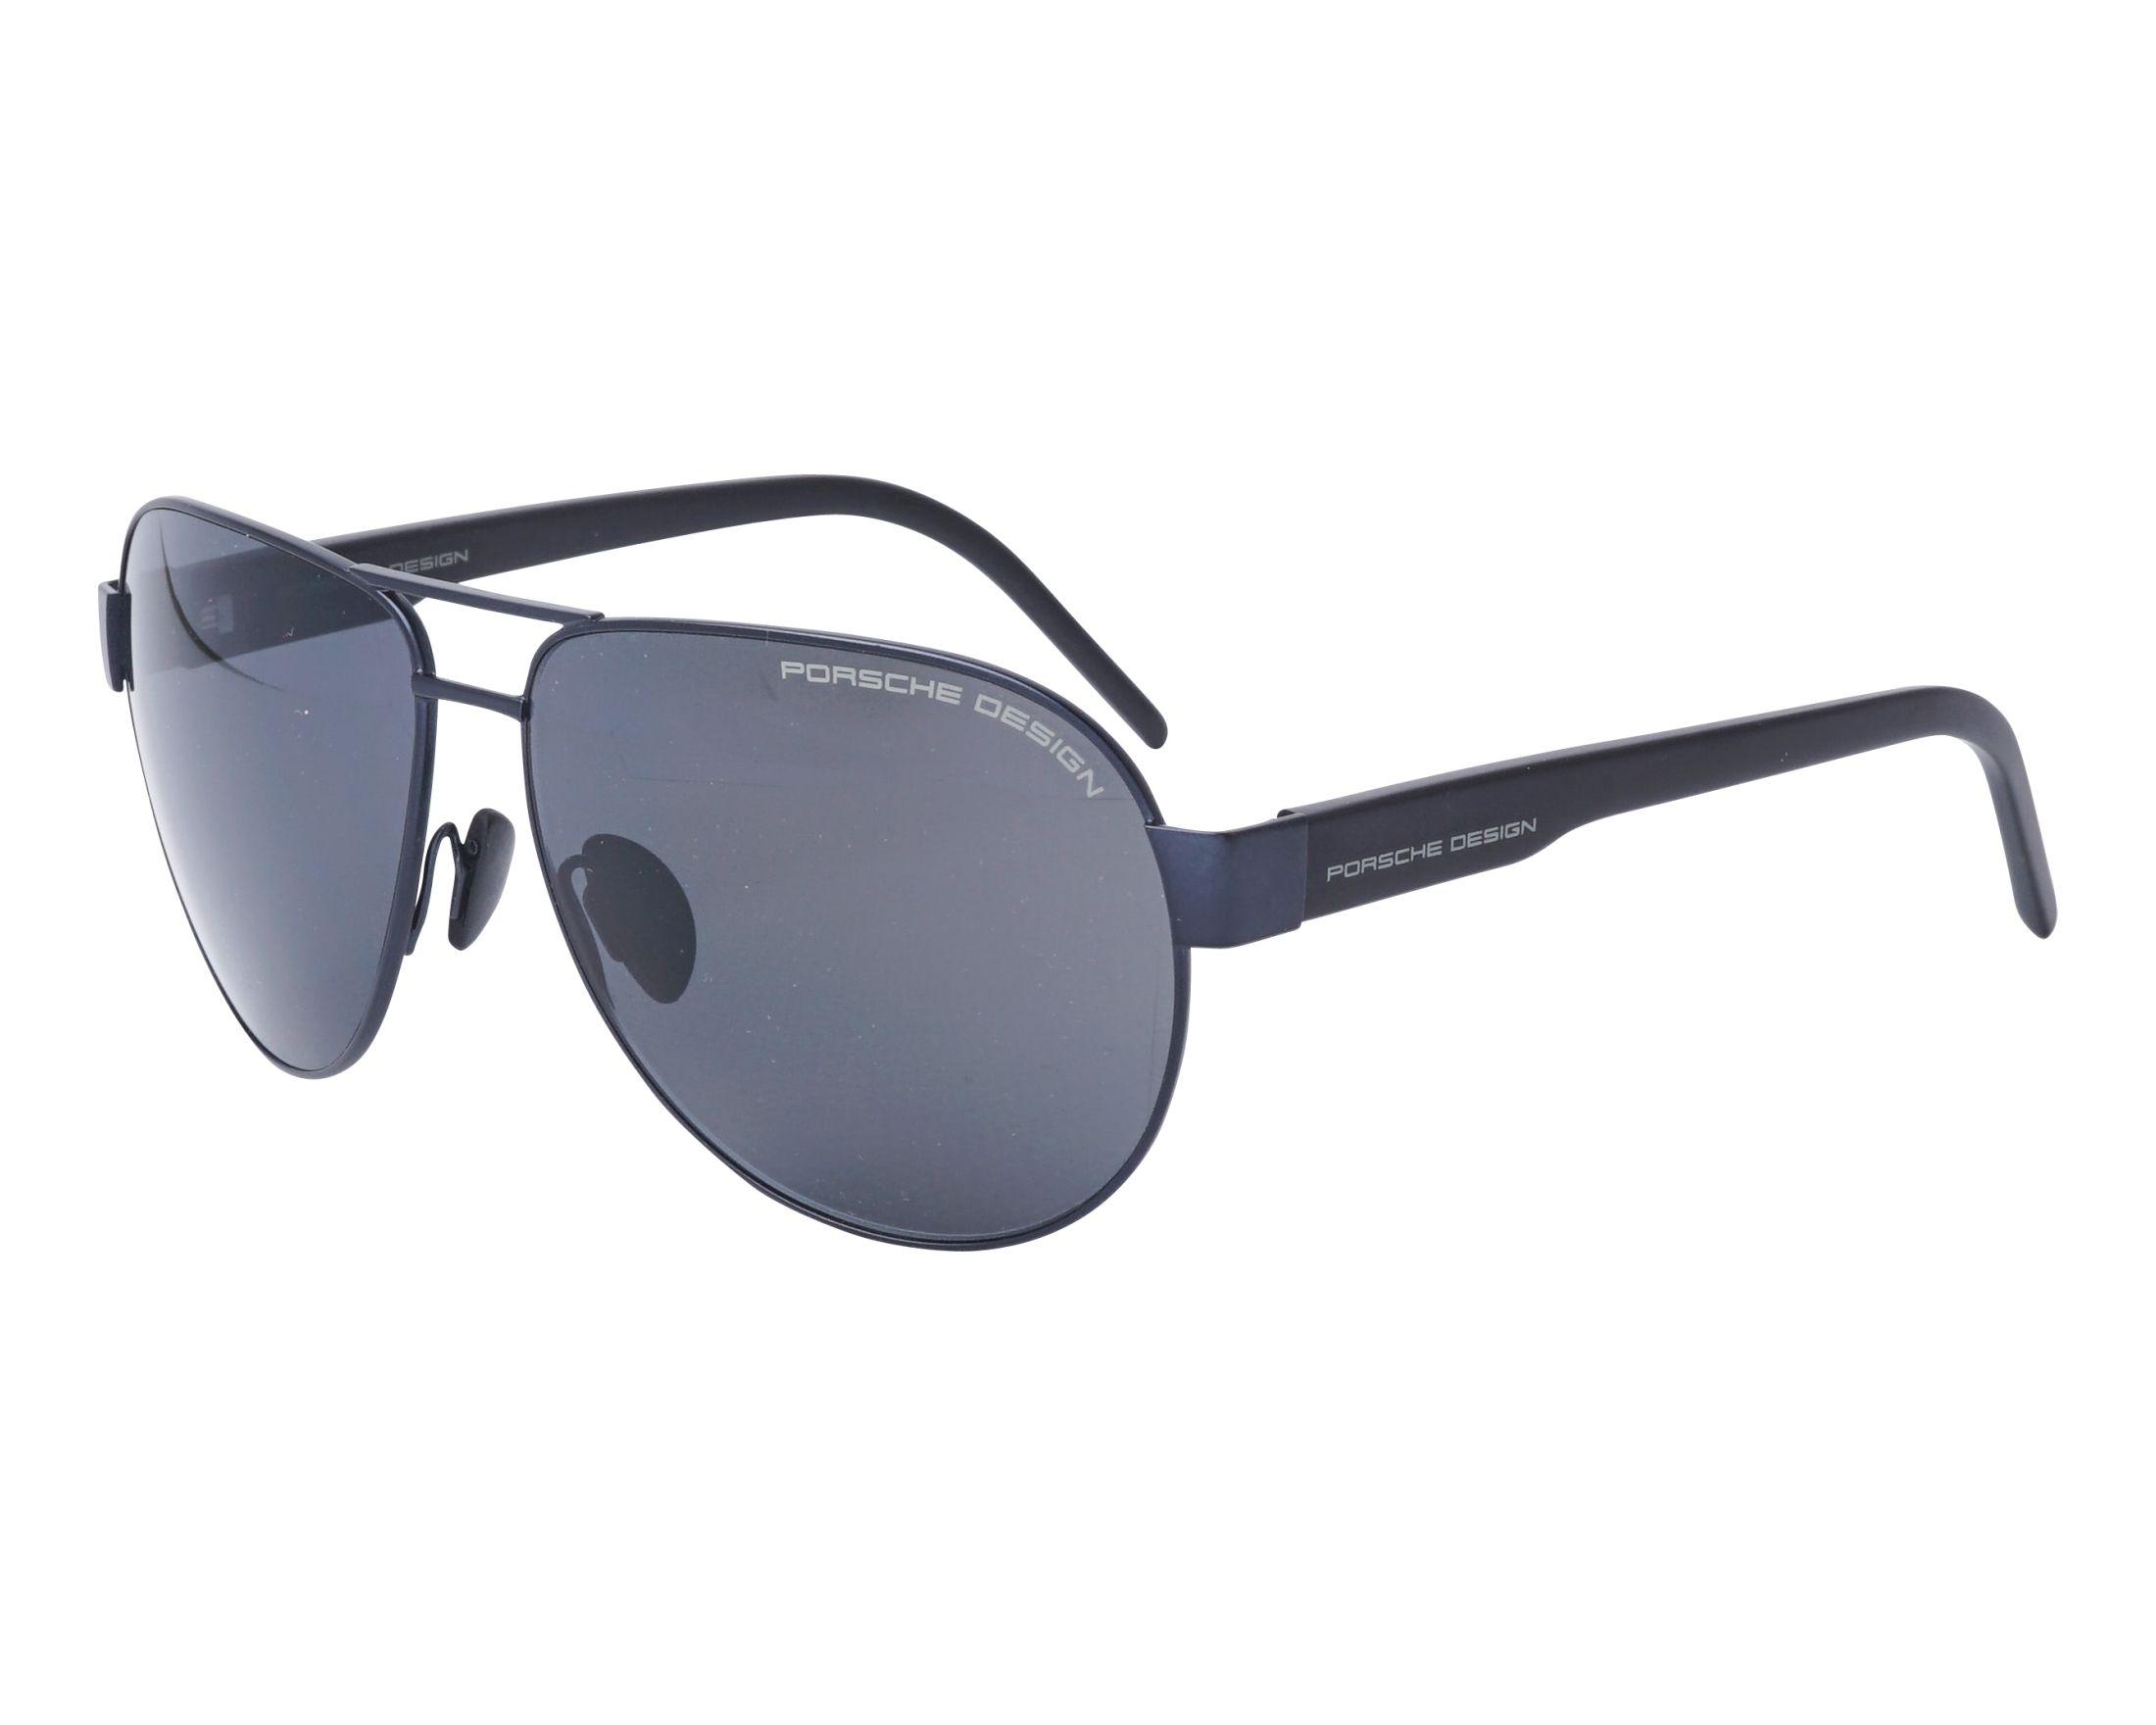 1ed140cfcb69 Sunglasses Porsche Design P-8632 C - Black profile view